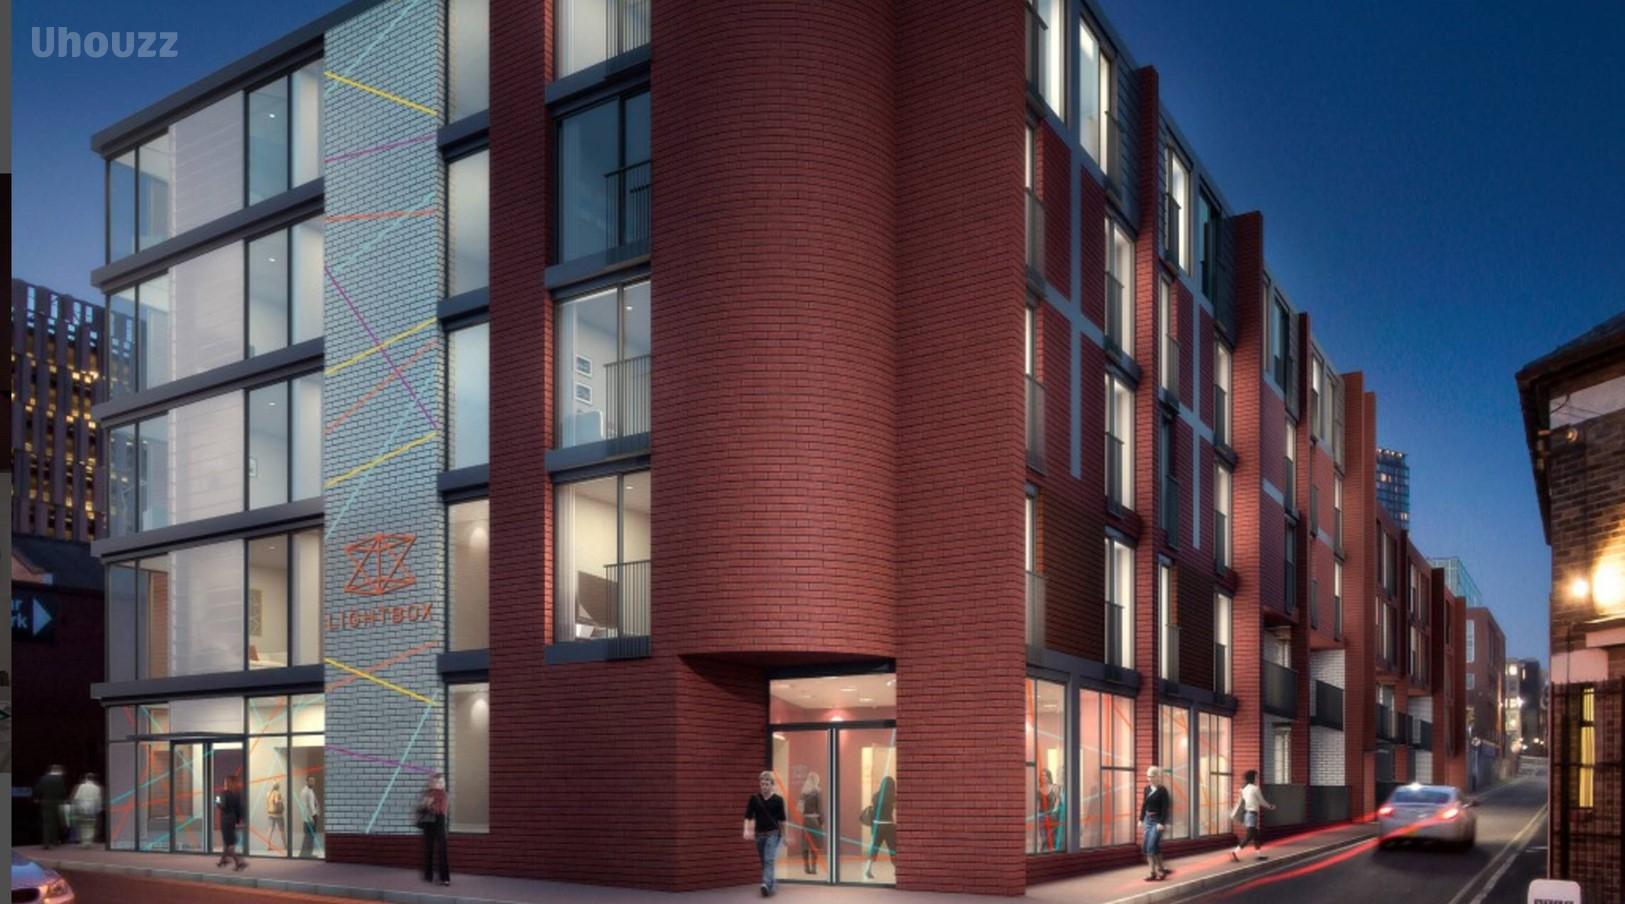 谢菲尔德市中心Light Box学生公寓